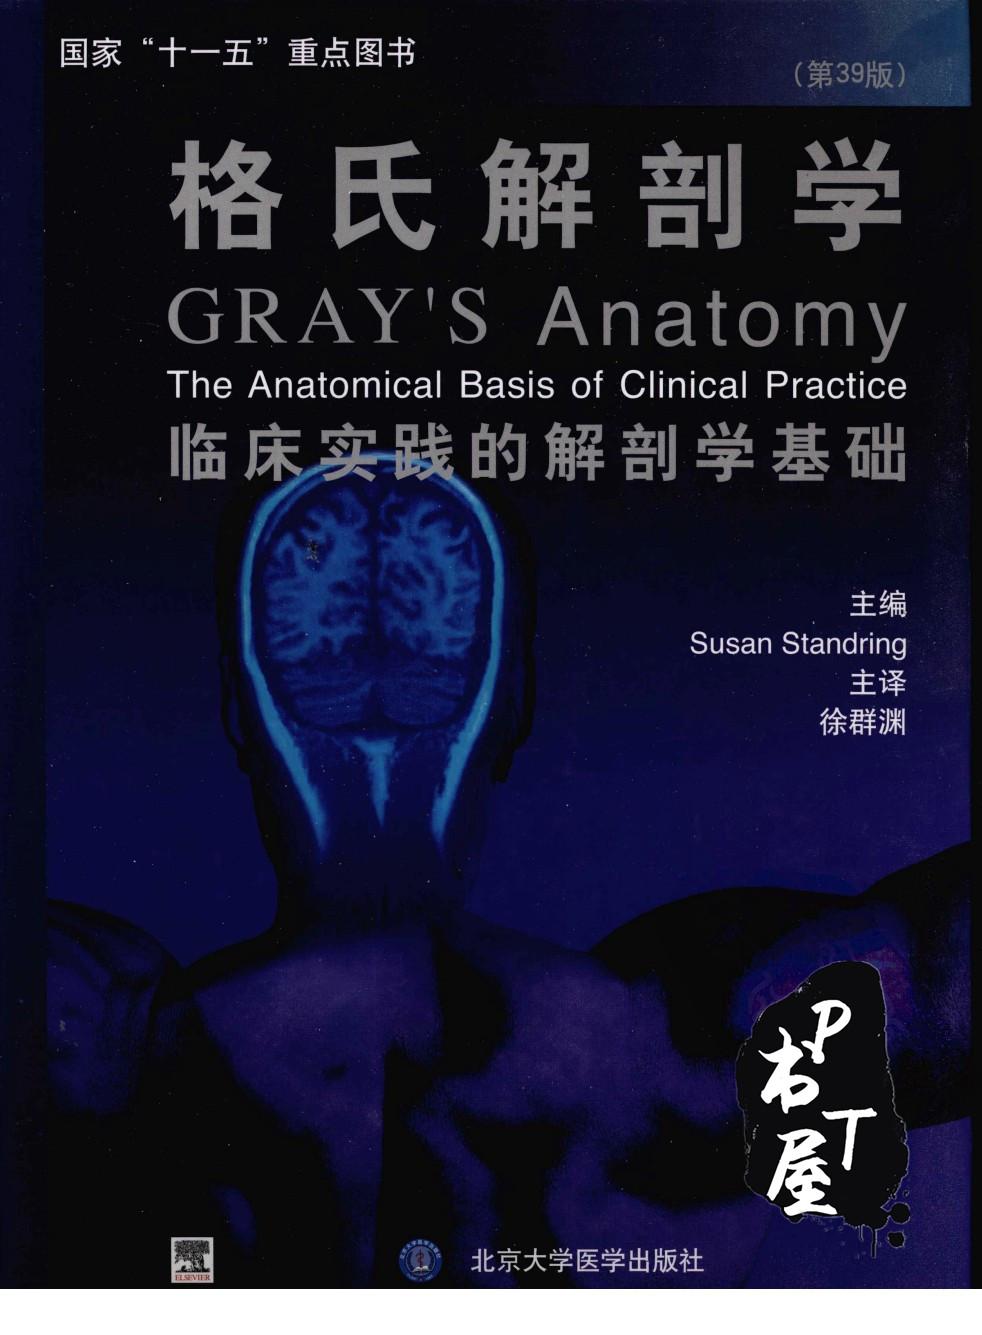 格氏解剖学 第39版 临床实践的解剖学基础 Book Cover